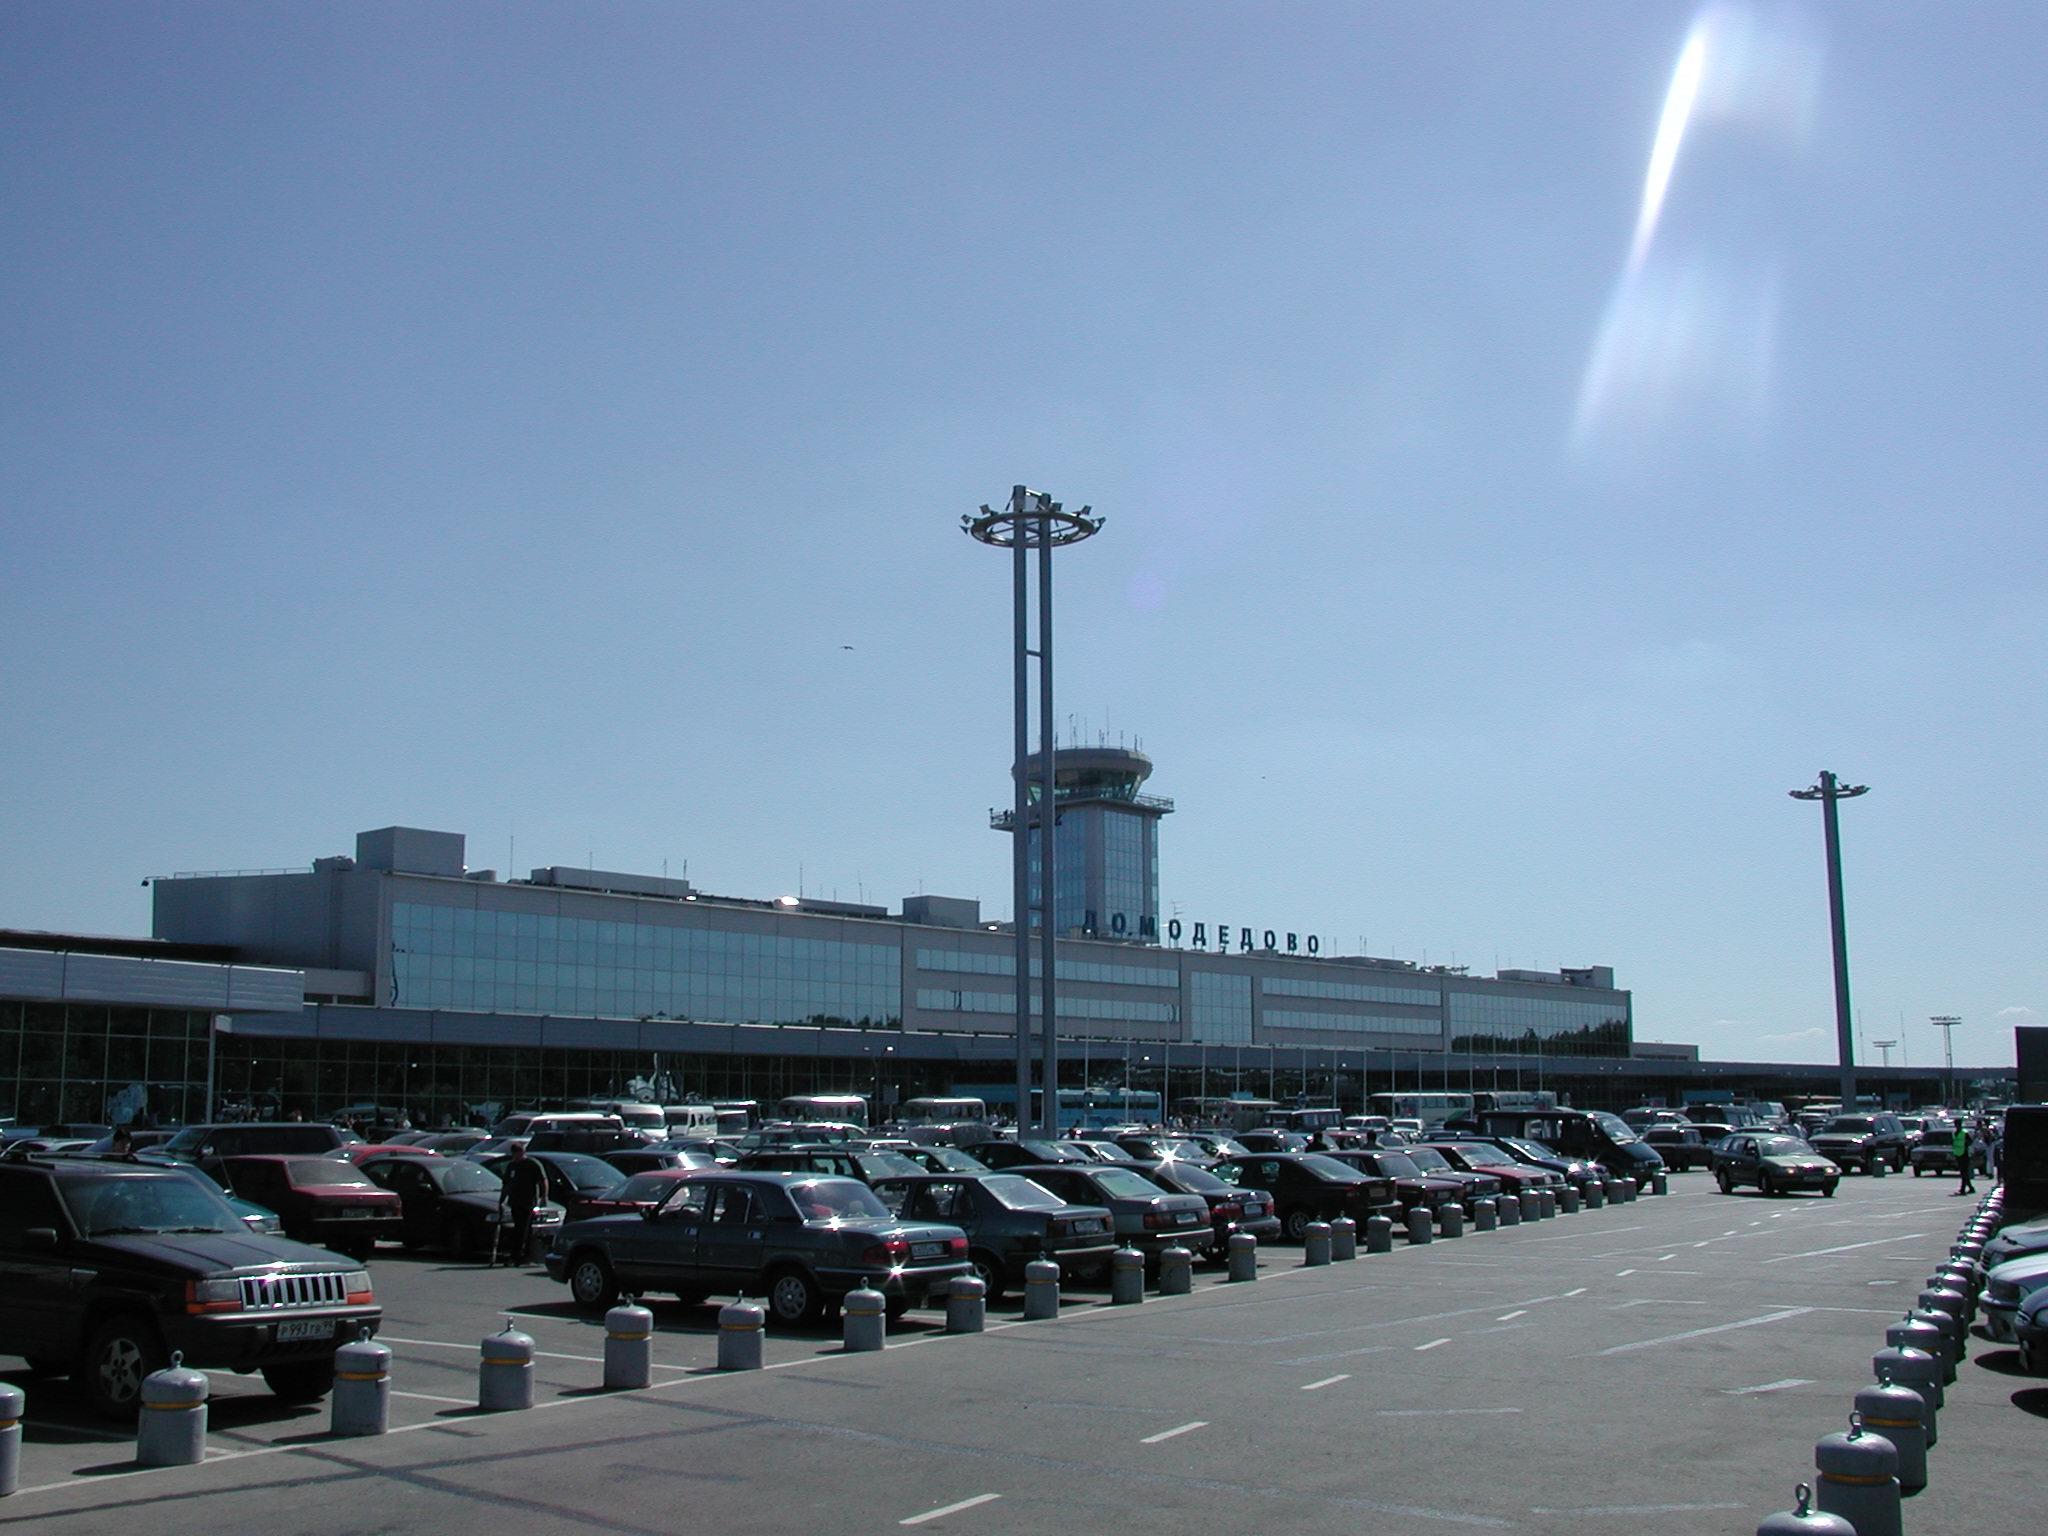 Расписание рейсов Московского аэропорта Домодедово